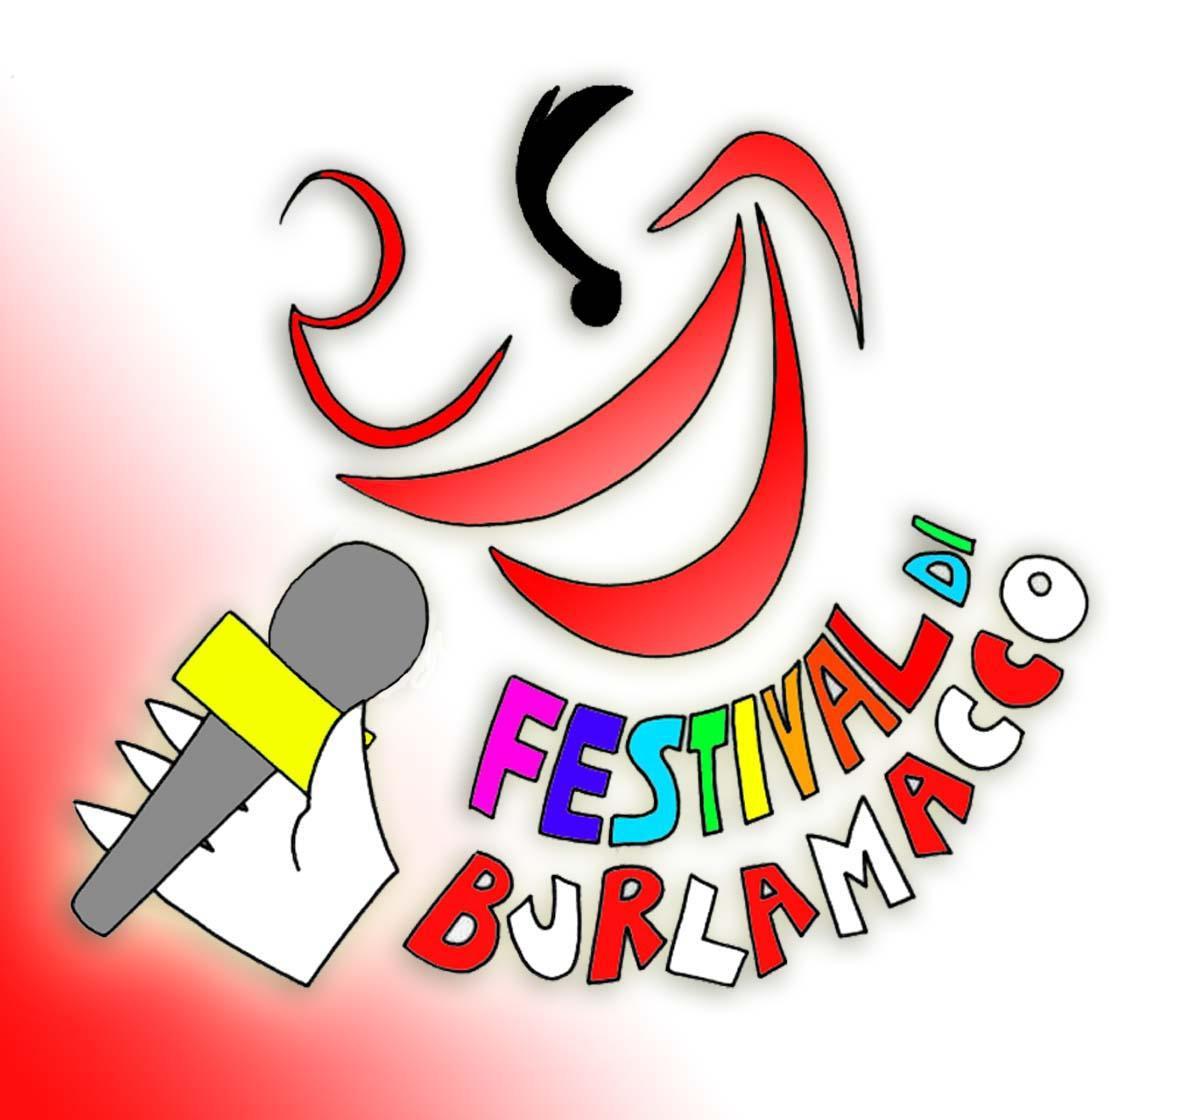 Festival di Burlamacco